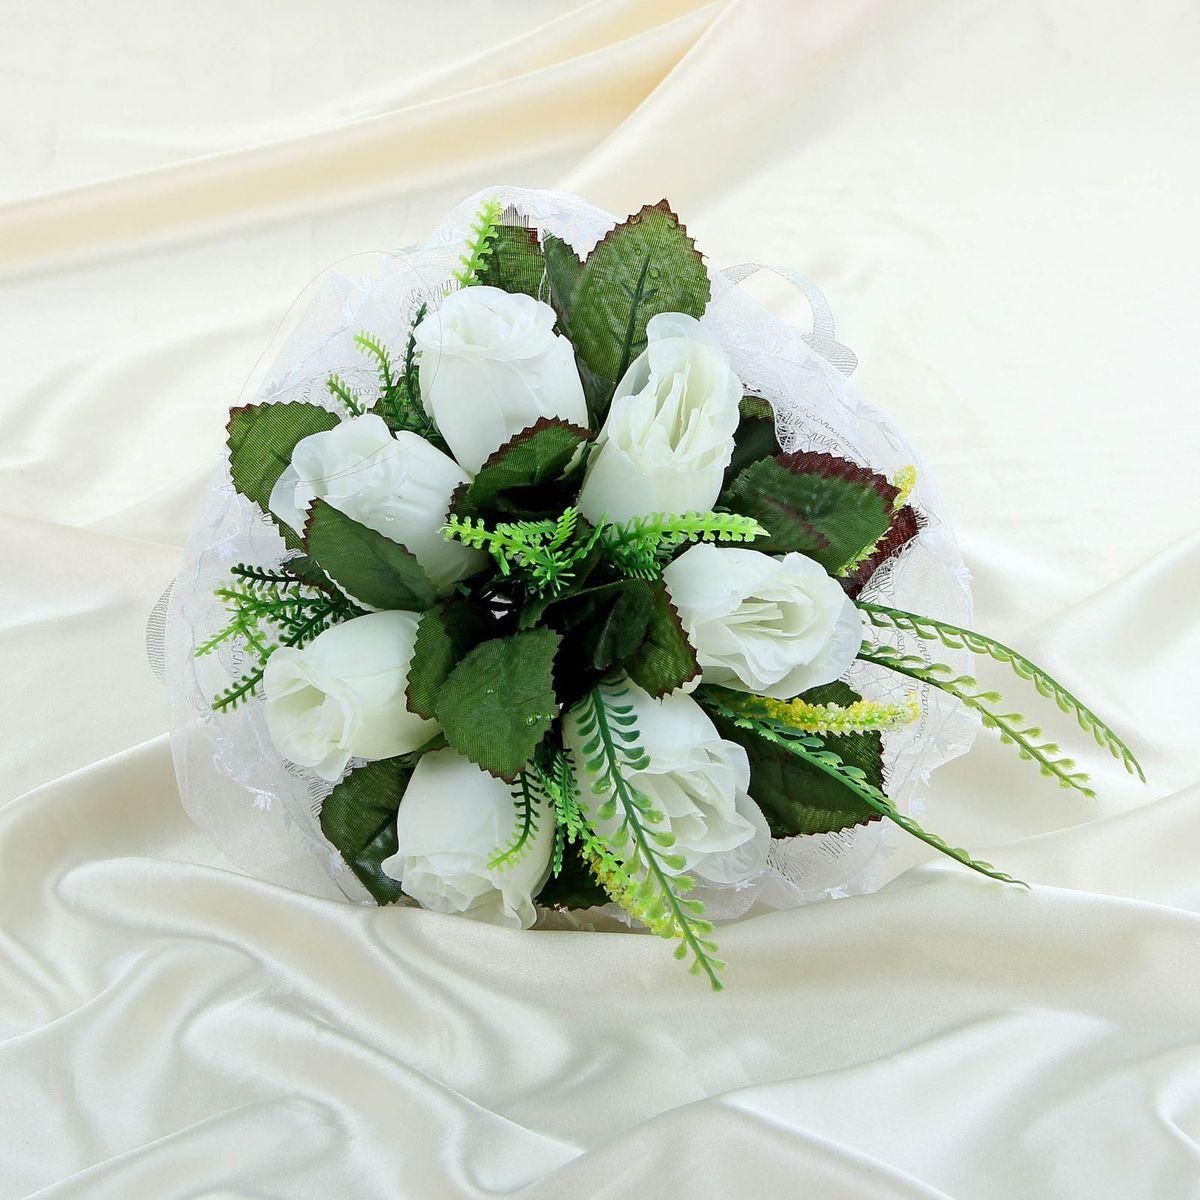 Sima-land Букет-дублер с розами с органзой, цвет: белый. 11203221120322Современные невесты используют букеты из искусственных материалов, потому что они легче, дешевле и не рассыпаются в полете. Ведь для многих незамужних подружек поймать букет на свадьбе — шанс осуществления заветной мечты. Кроме свадебной тематики изделие используют для фотосессий, так как оно не утрачивает праздничный вид даже в непогоду, и как элемент украшения интерьера. Многие рестораны и отели на выставках и праздниках предпочитают использовать украшения из неувядающих цветов. Оригинальный букет будет в центре внимания на торжественном событии и оставит самые яркие впечатления.